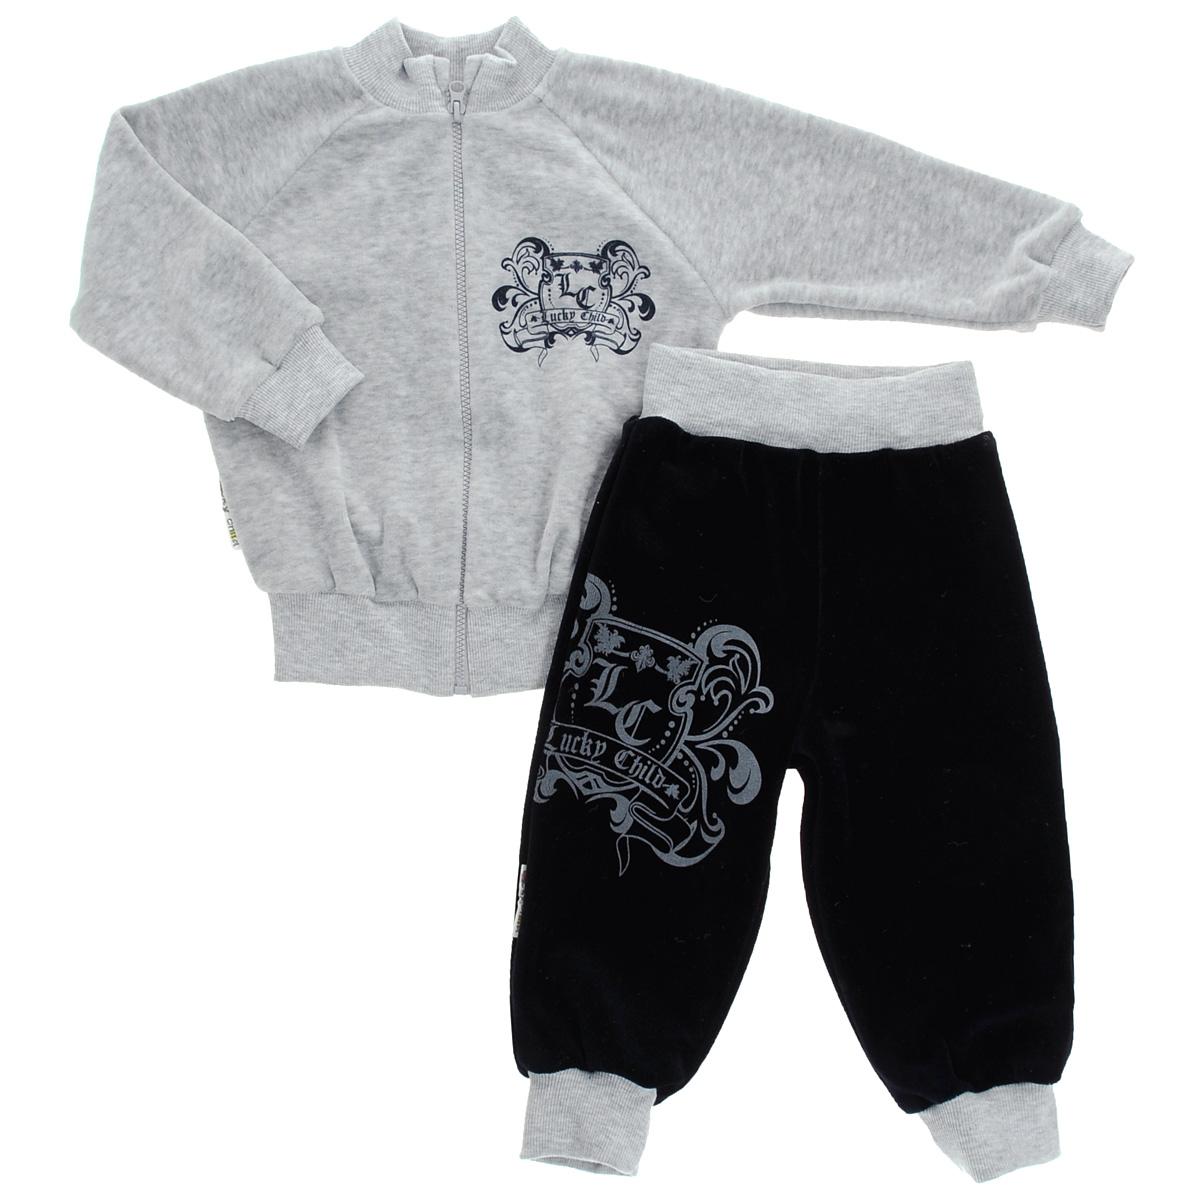 Спортивный костюм5-8Детский комплект для мальчика Lucky Child, состоящий из толстовки и брюк - очень удобный и практичный. Комплект выполнен из велюра, благодаря чему он необычайно мягкий и приятный на ощупь, не раздражают нежную кожу ребенка и хорошо вентилируются, а эластичные швы приятны телу малыша и не препятствуют его движениям. Толстовка с воротником-стойкой и длинными рукавами-реглан застегивается на пластиковую застежку-молнию. Рукава дополнены широкими трикотажными манжетами, не стягивающими запястья. Понизу также проходит широкая трикотажная резинка. На груди она оформлена оригинальным принтом в виде логотипа бренда. Брюки прямого покроя на талии имеют широкую эластичную резинку, благодаря чему они не сдавливают животик ребенка и не сползают. Понизу штанины дополнены широкими трикотажными манжетами. Спереди брюки декорированы таким же рисунком, как на толстовке. Оригинальный дизайн и модная расцветка делают этот комплект незаменимым предметом детского гардероба. В нем ваш...